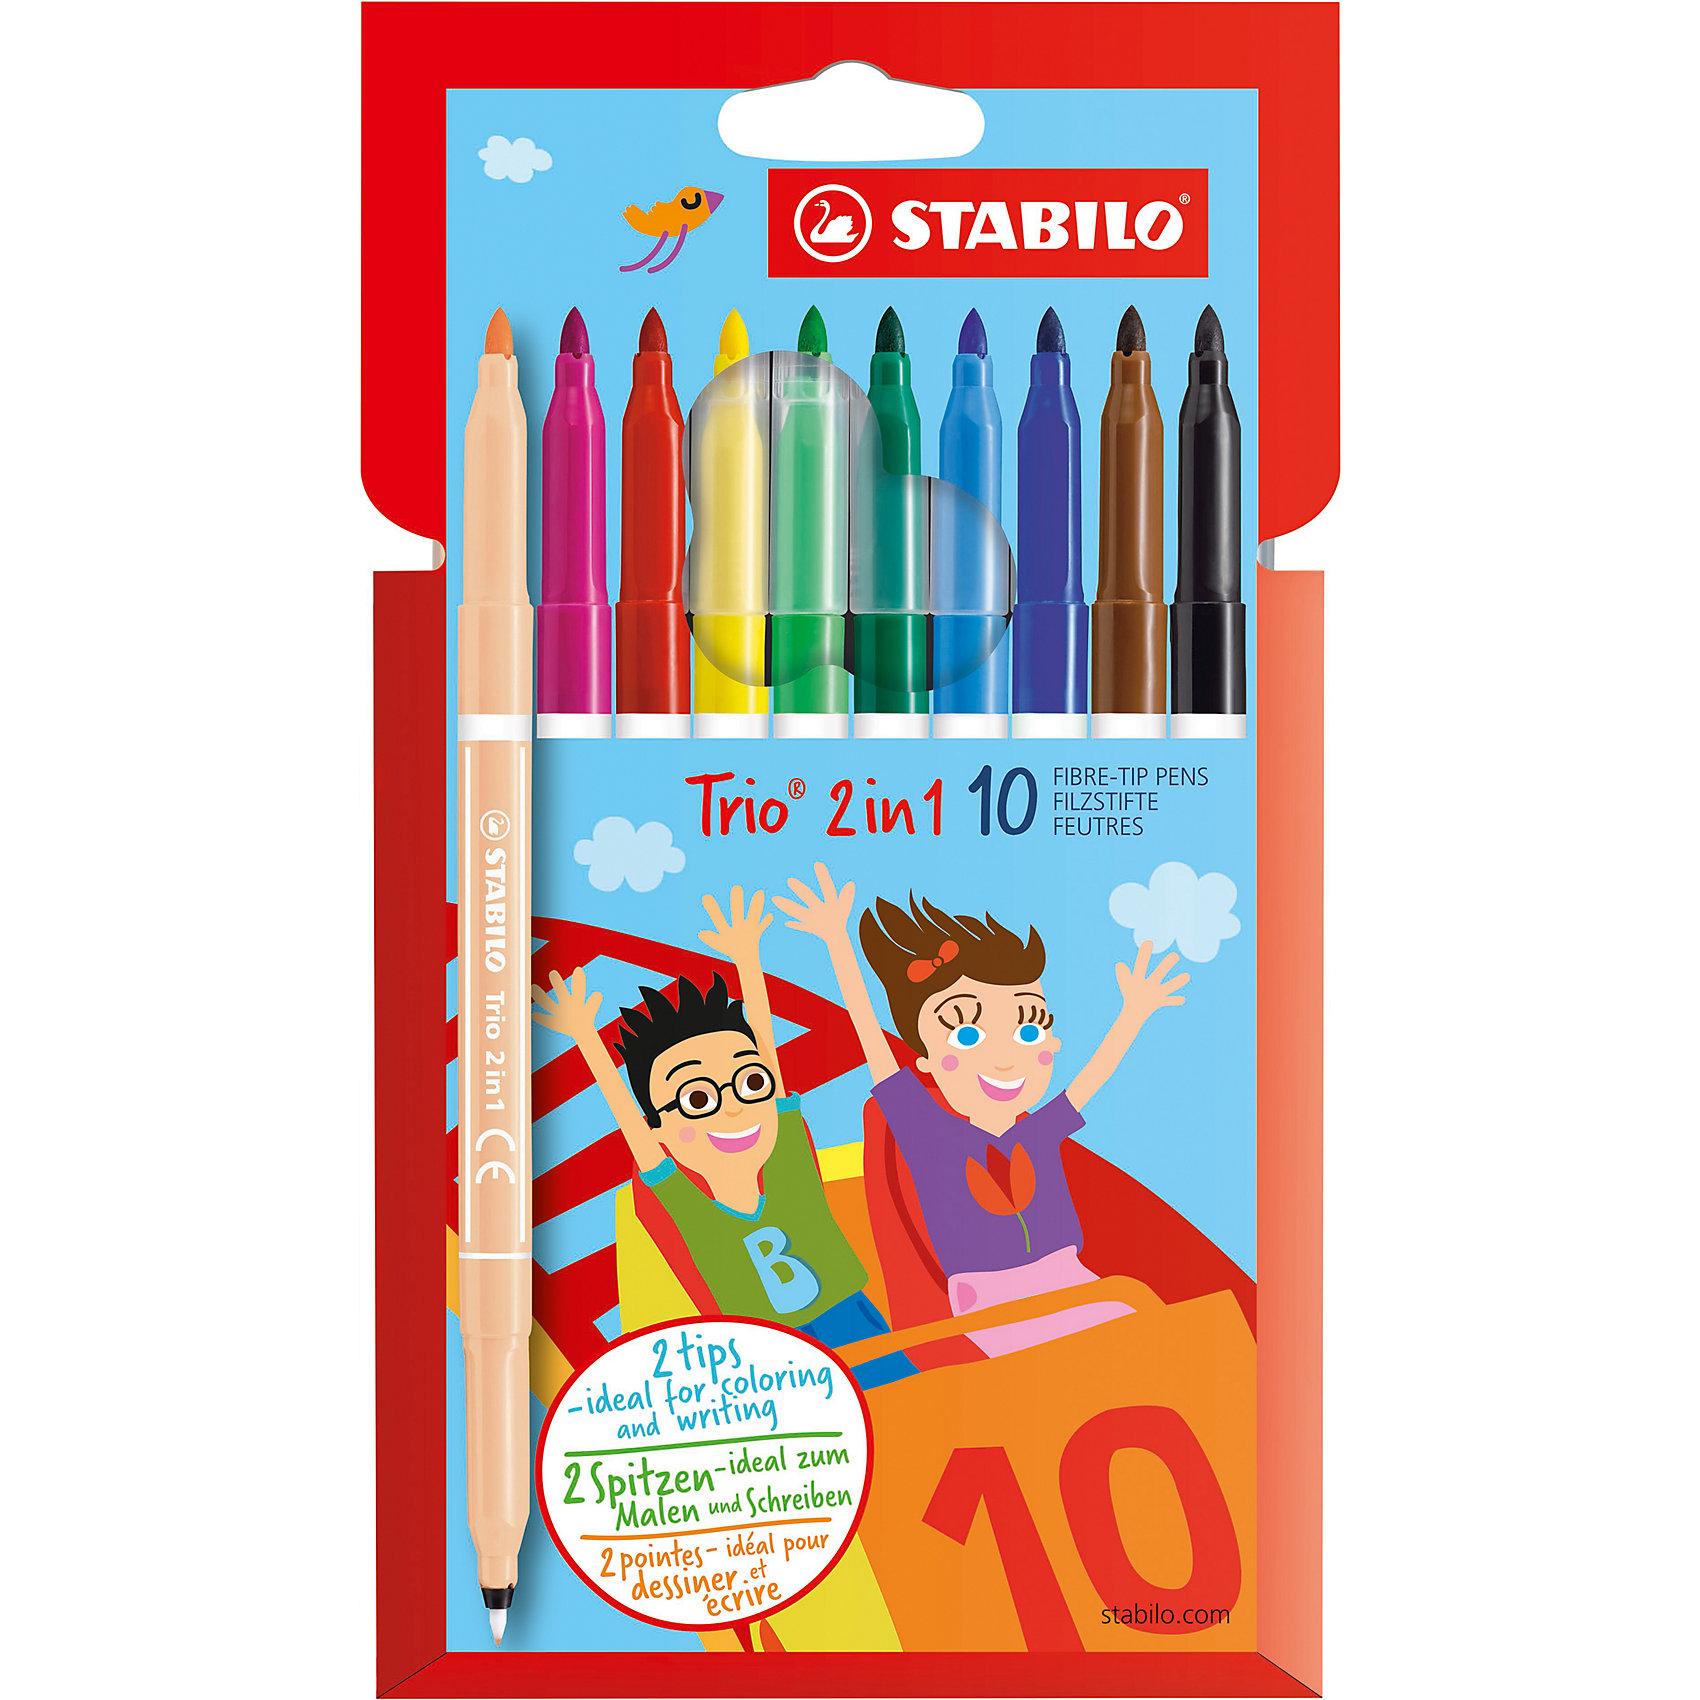 Набор фломастеров TRIO 2 в 1, 10 цв.Рисование<br>Набор фломастеров TRIO 2 в 1, 10 цв. от марки Stabilo<br><br>Фломастеры сделаны из приятного на ощупь материала, с яркими чернилами высокого качества. Поверхность корпуса препятствует скольжению пальцев и обеспечивает комфорт при рисовании. <br>Рисование помогает детям развивать усидчивость, воображение, образное восприятие мира, а также мелкую моторику рук.  <br>Эти фломастеры сделаны с применением качественных чернил. В наборе - 10 разных ярких цветов. Упаковка удобная. Корпус сделан из пластика.<br><br>Особенности данной модели:<br><br>комплектация: 10 шт.<br><br>Набор фломастеров TRIO 2 в 1, 10 цв. от марки Stabilo можно купить в нашем магазине.<br><br>Ширина мм: 208<br>Глубина мм: 116<br>Высота мм: 17<br>Вес г: 92<br>Возраст от месяцев: 36<br>Возраст до месяцев: 84<br>Пол: Унисекс<br>Возраст: Детский<br>SKU: 2606812